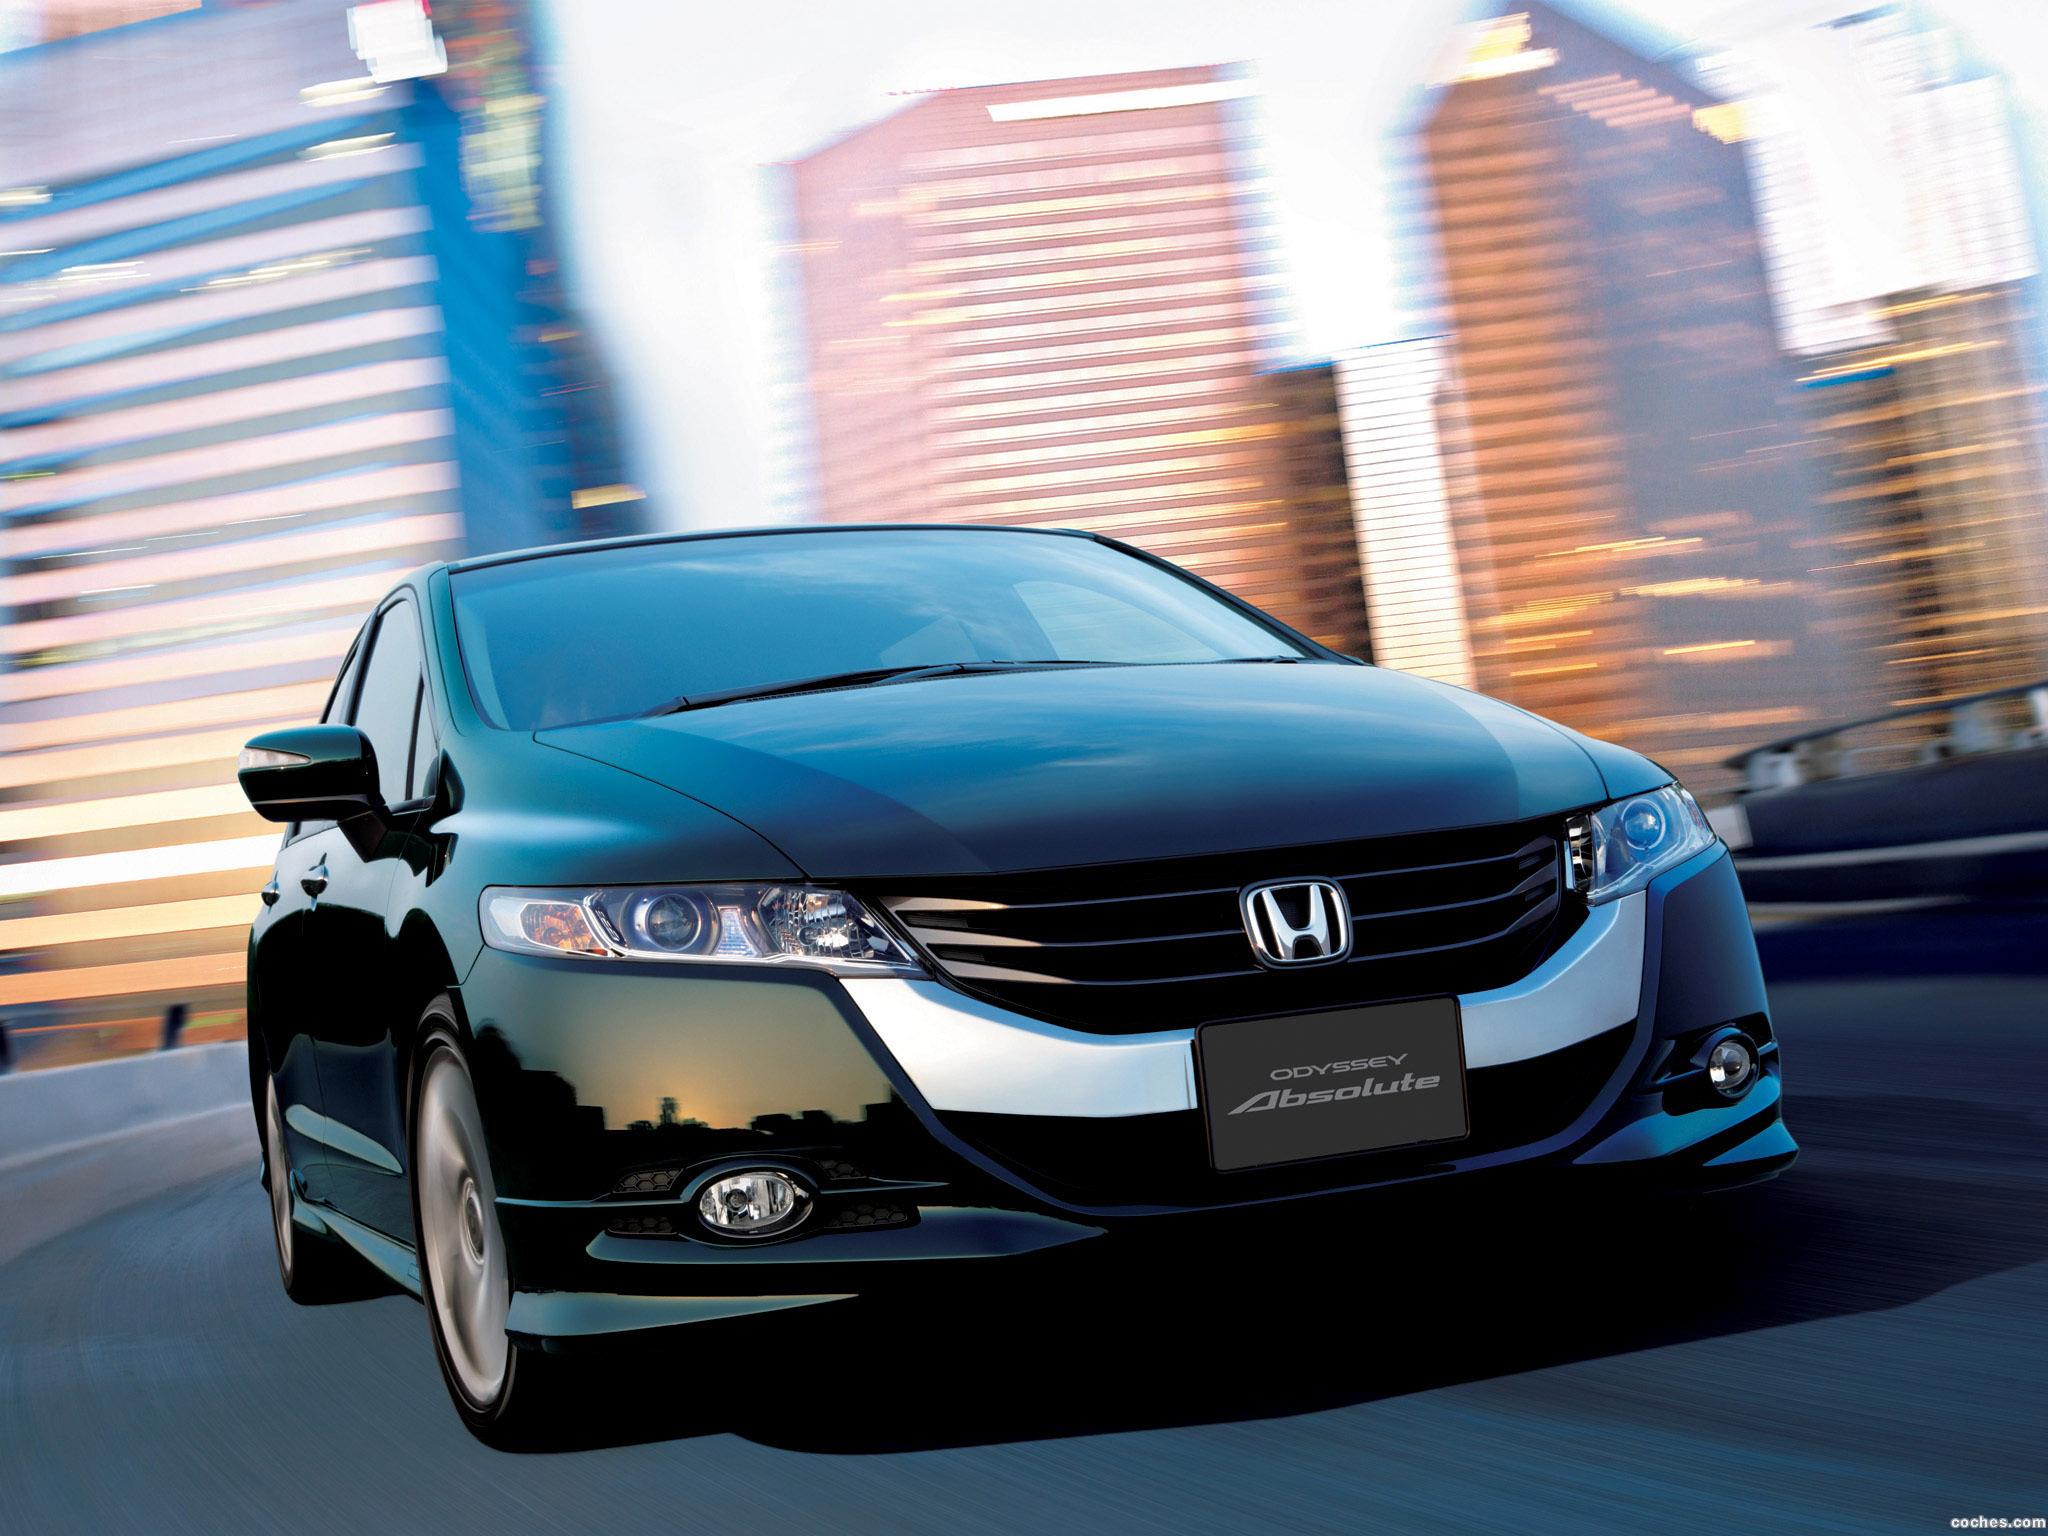 Foto 0 de Honda Odyssey Absolute 2008